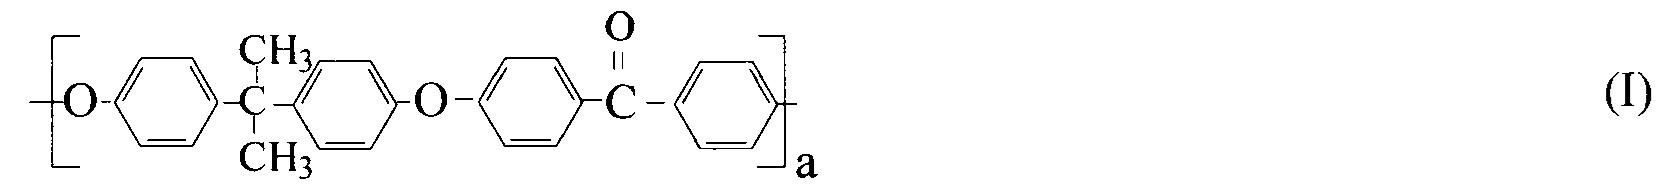 Способ получения термостойких ароматических полиэфирэфир- и сополиэфирэфиркетонов с улучшенными физико-механическими характеристиками